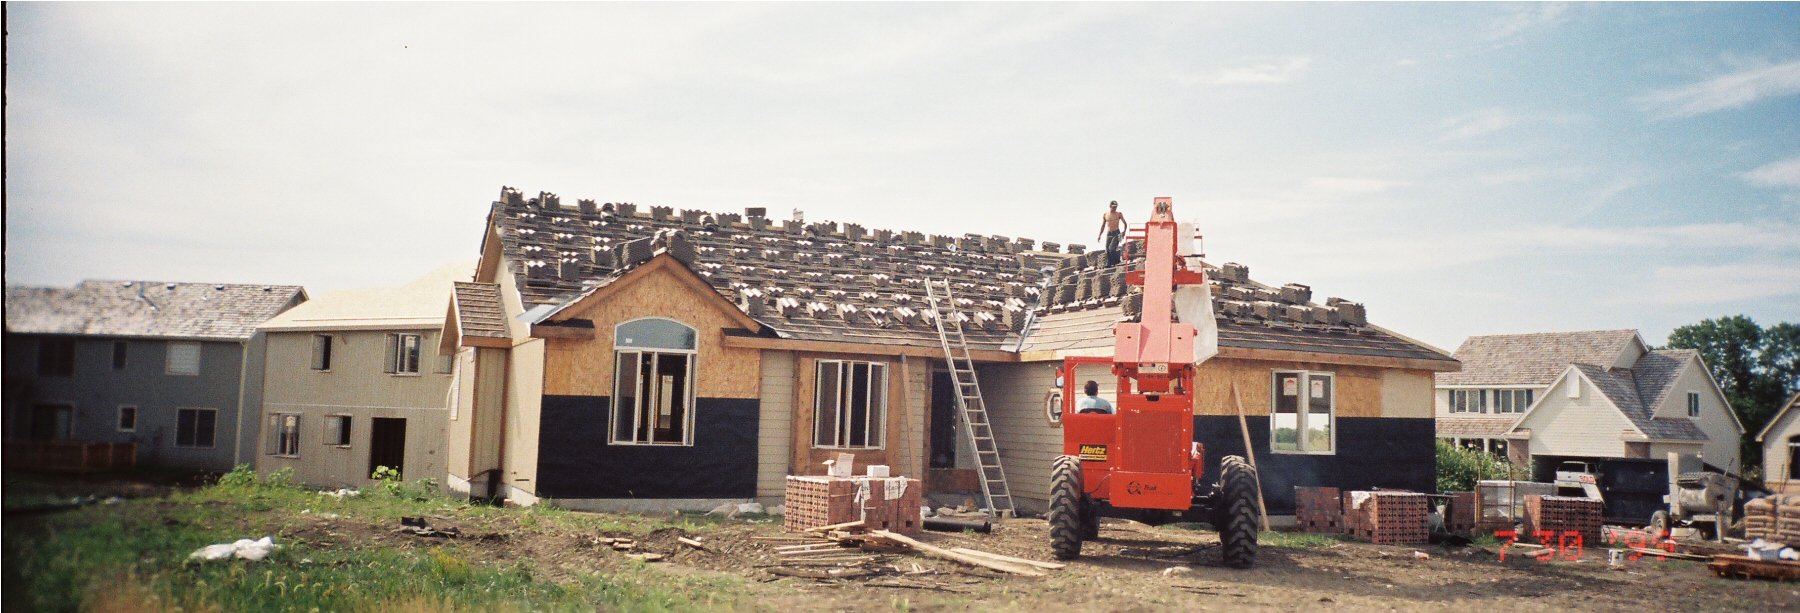 Apollo Roofing & Repairs LLC image 1